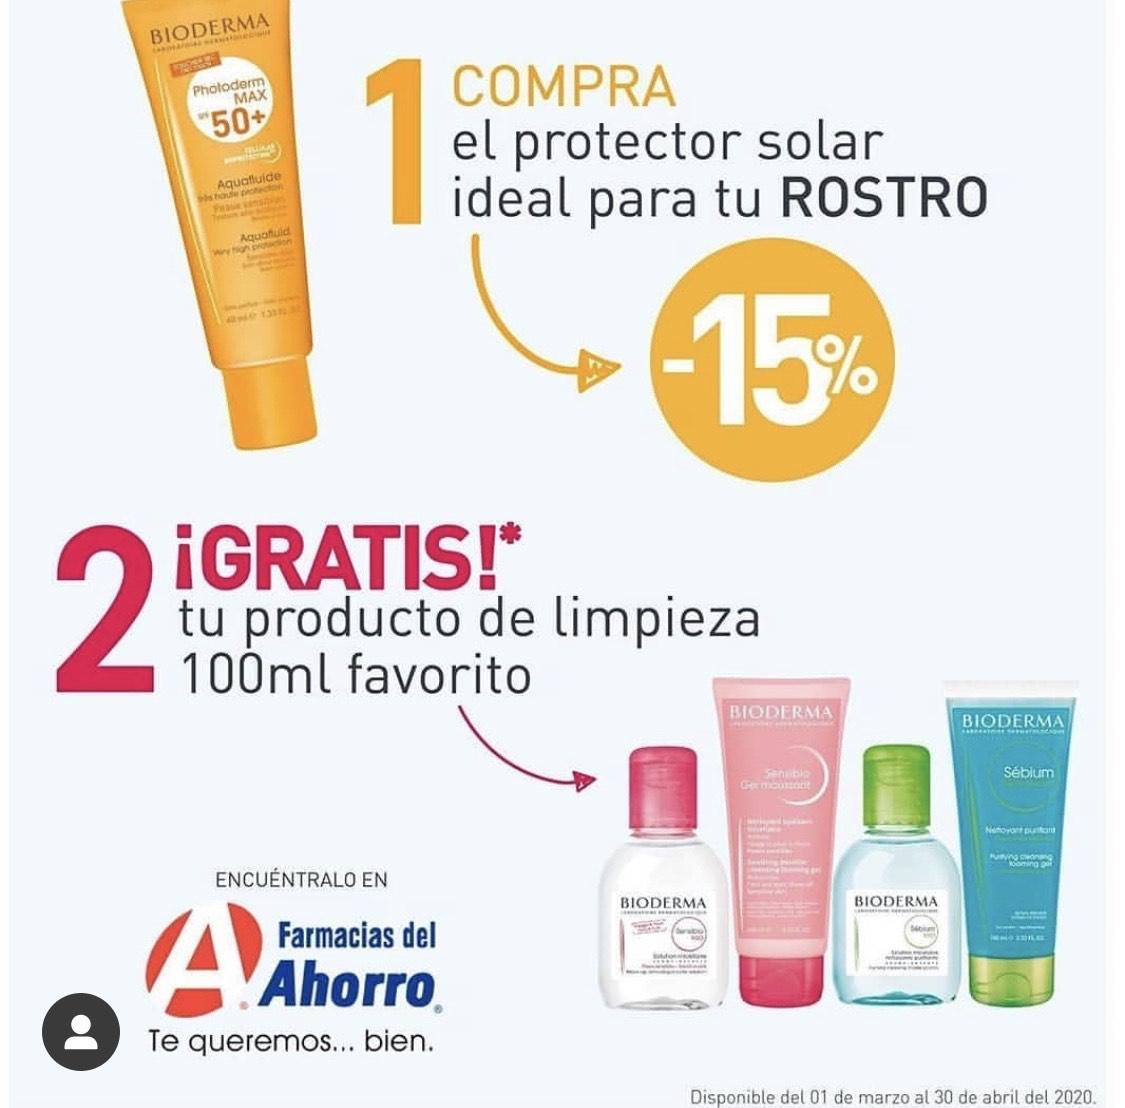 Farmacias del ahorro: Protector Solar Bioderma -15% y Gratis un producto Bioderma